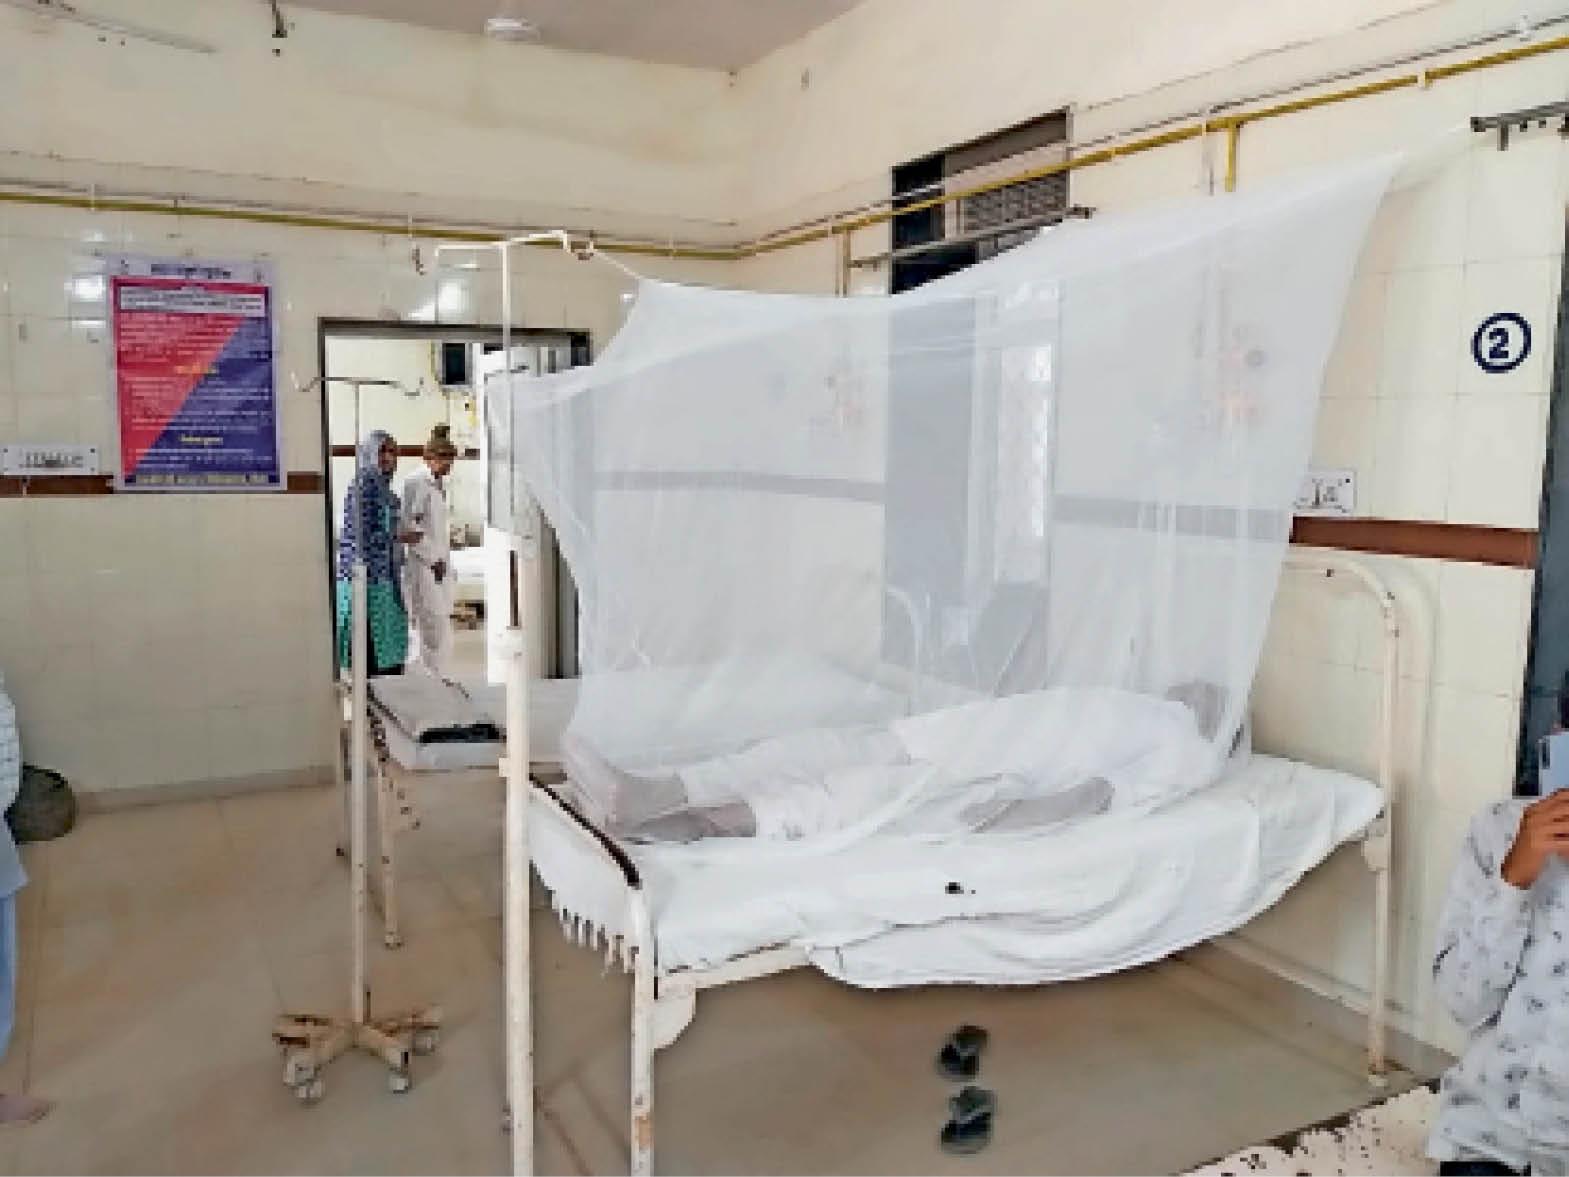 4 साल पहले डेंगू के ऐसे हालात बने थे तो 600 रुपये तय की थी जांच की रेट, इस बार अफसर भूले तो 1200 रु. तक वसूल रहे|सीकर,Sikar - Dainik Bhaskar